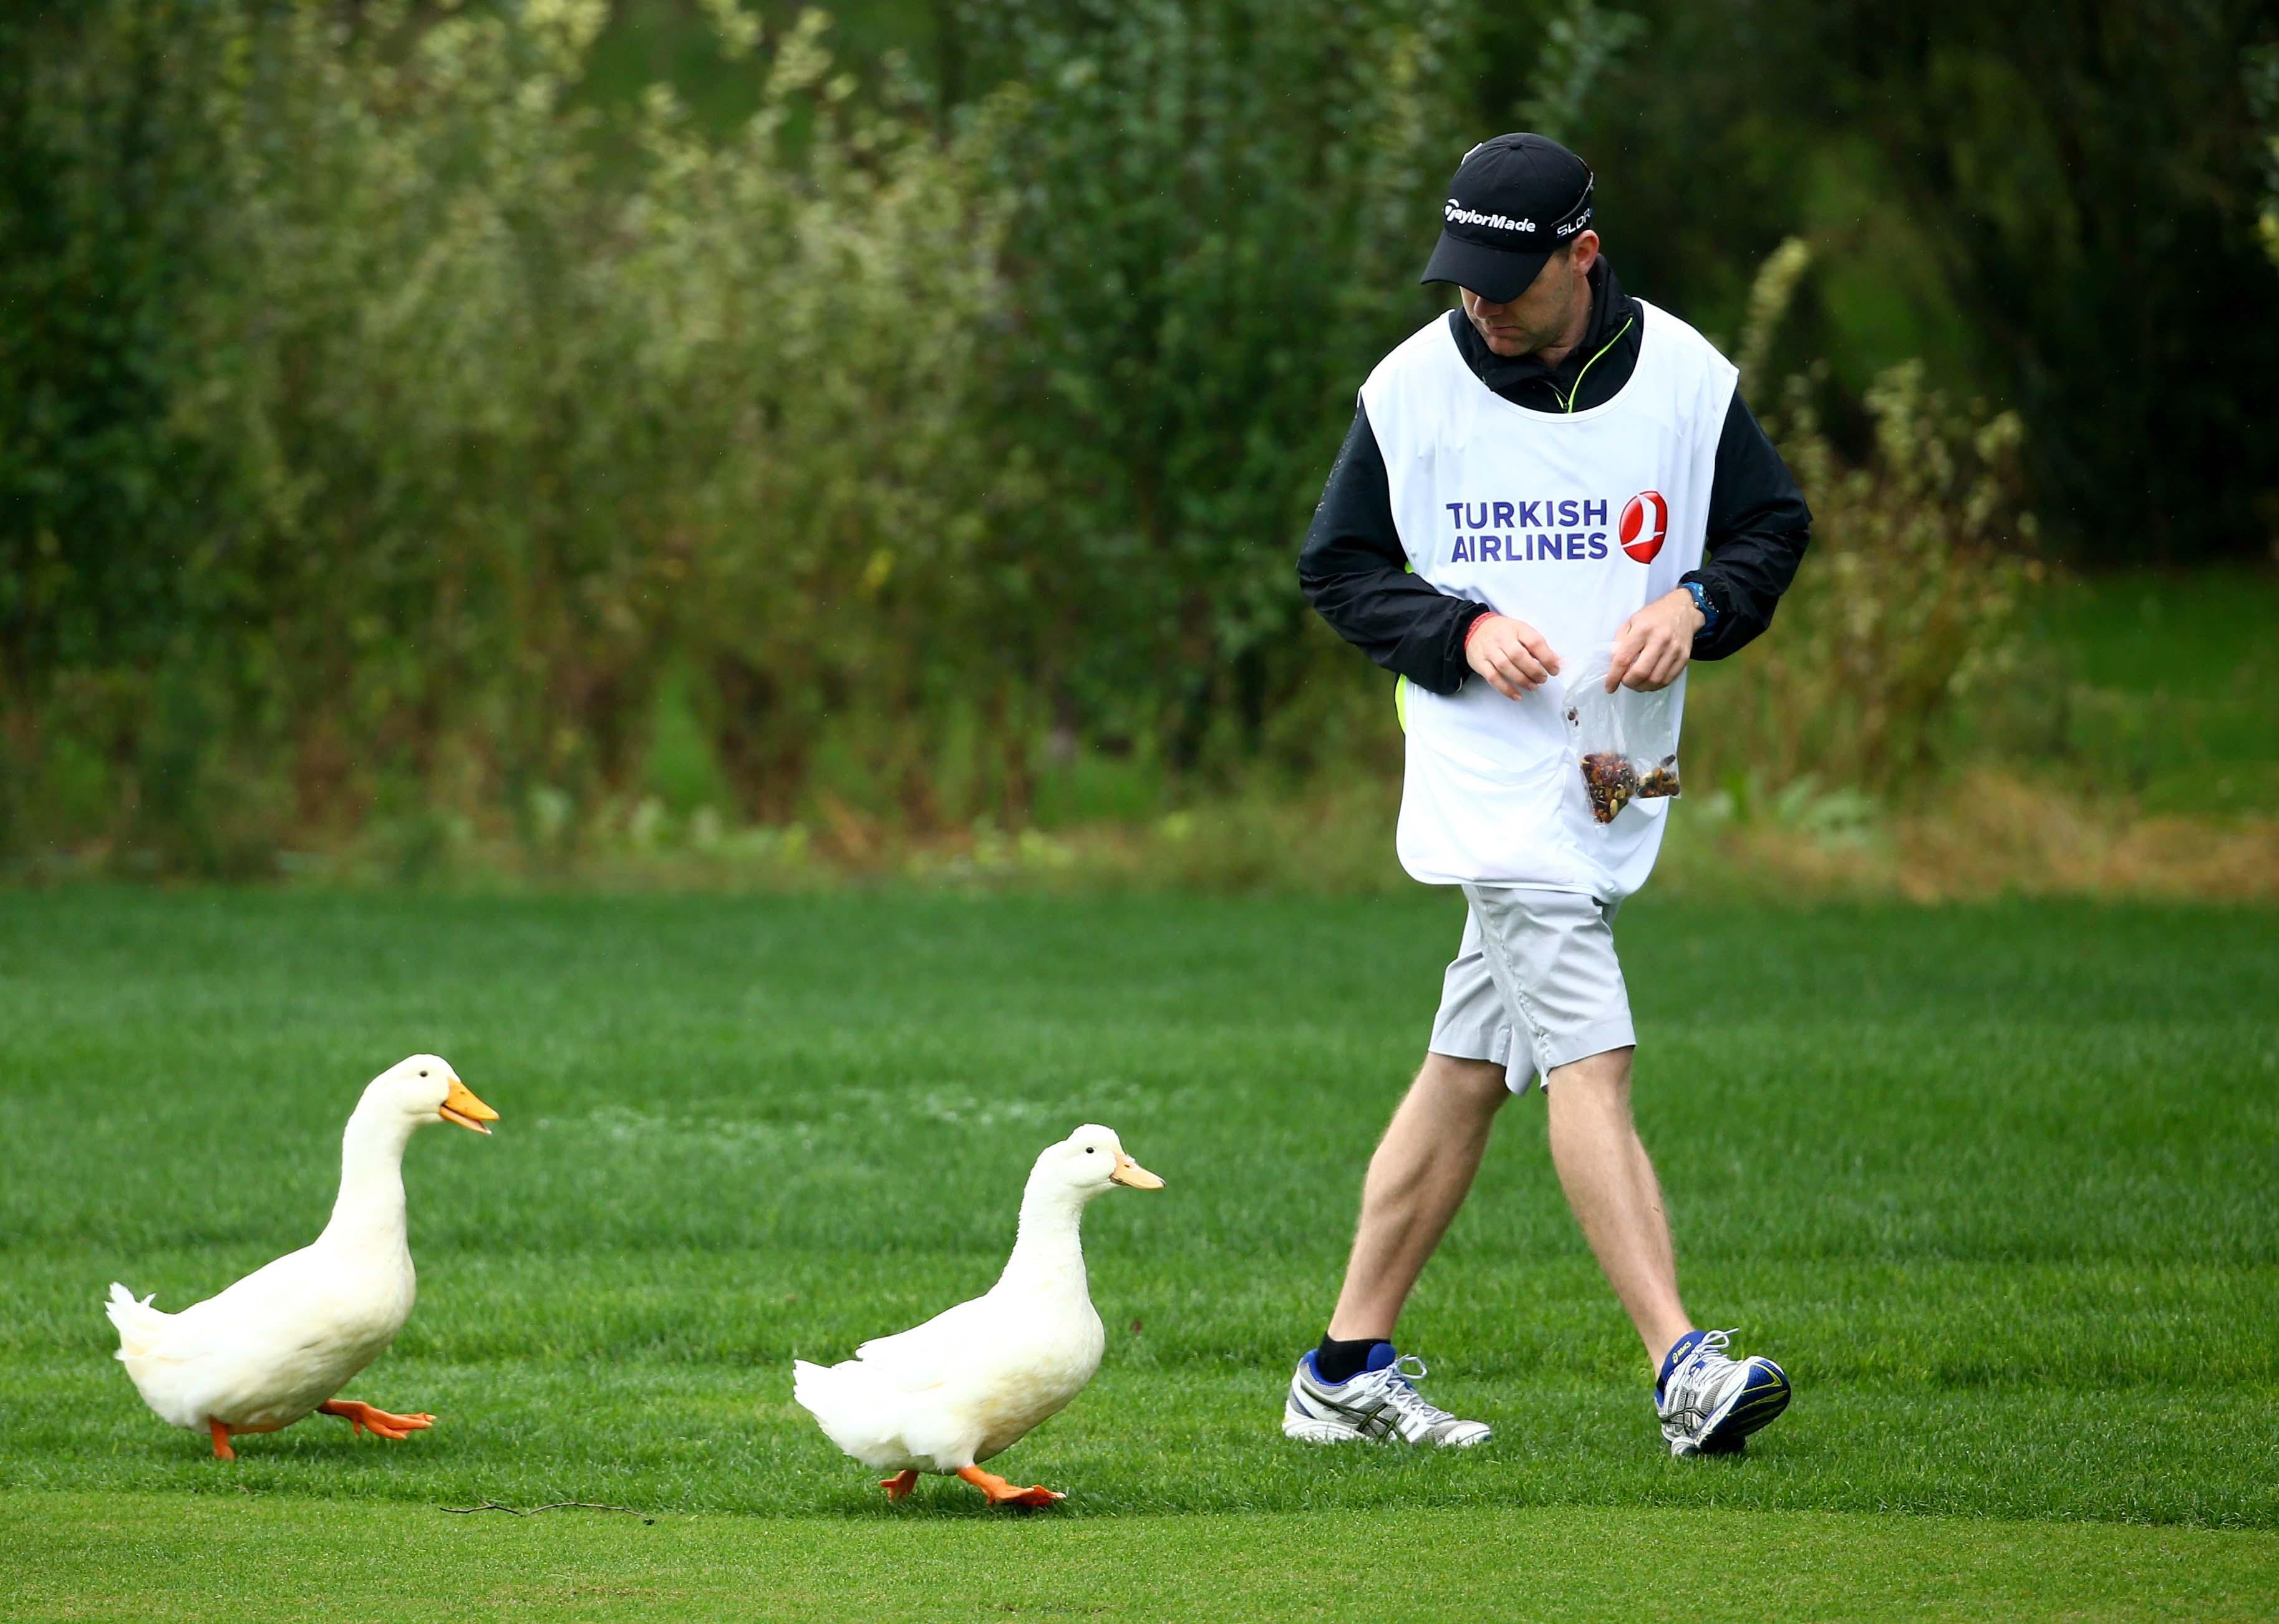 Duck ...